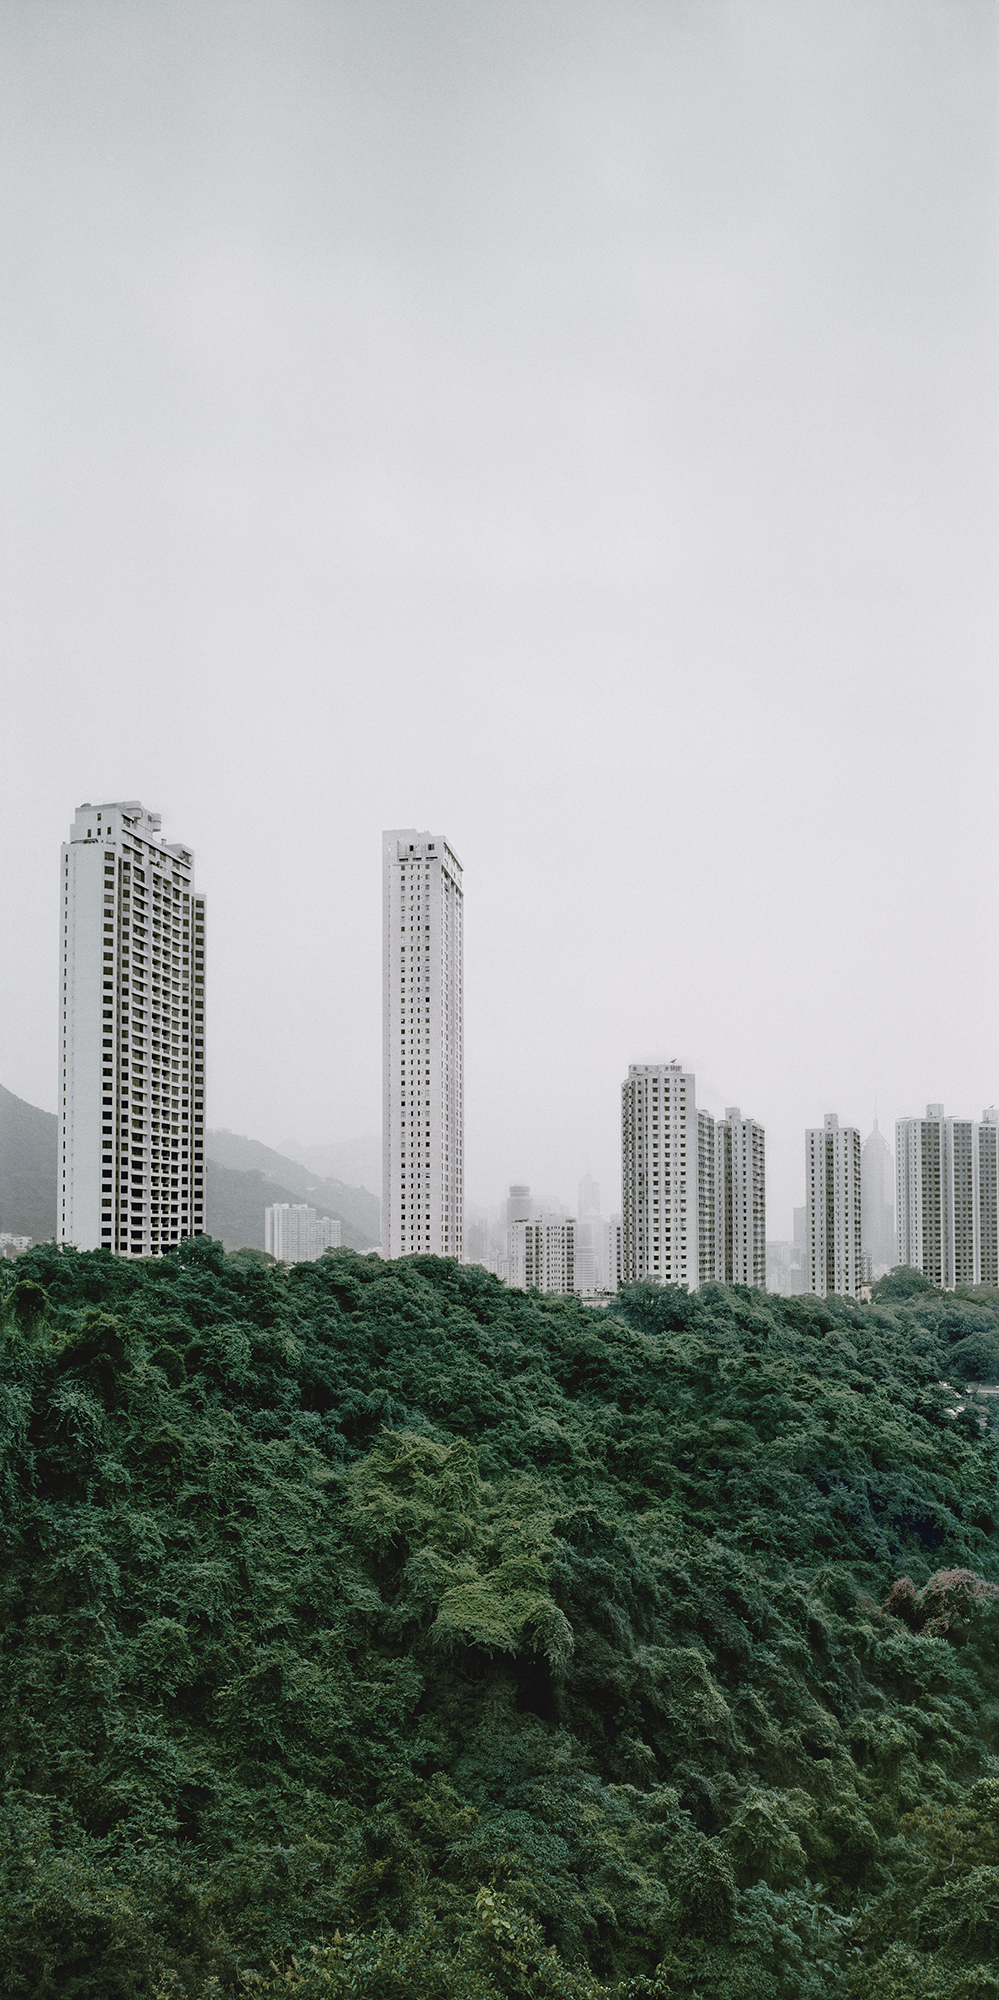 Hong Kong (XI 57.6)